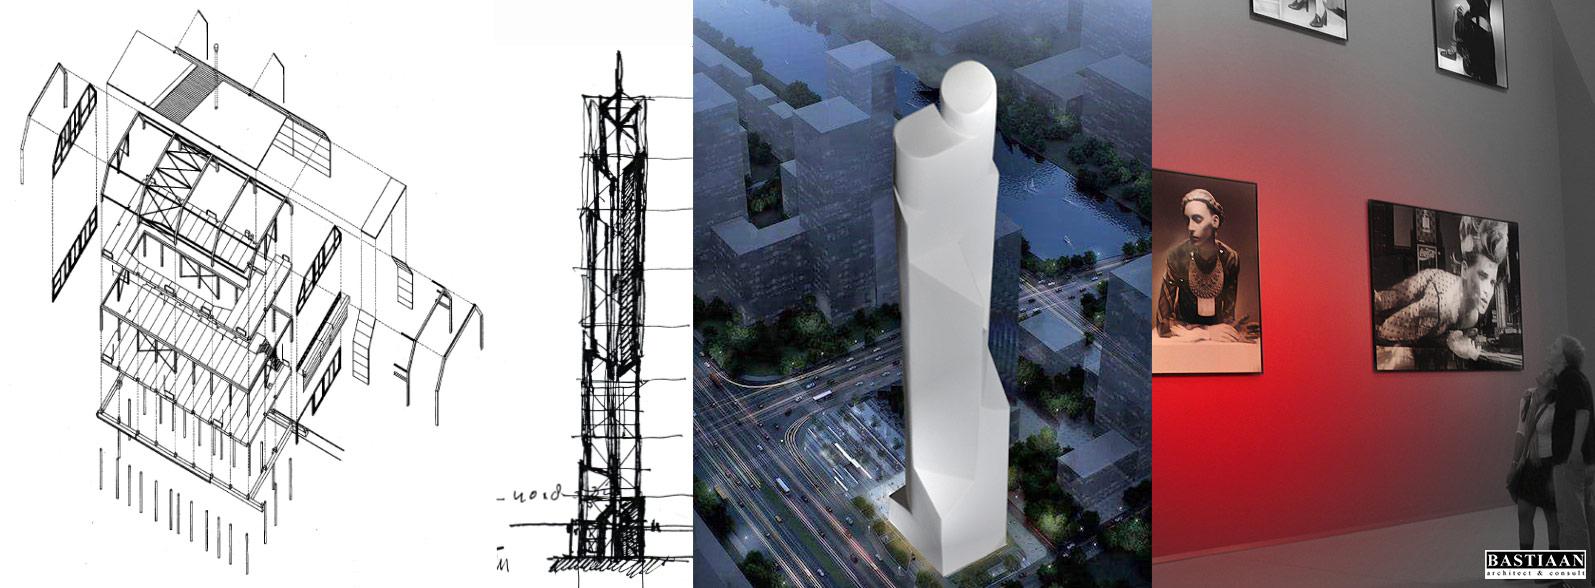 corporate identity | result drivenarchitectural | urban design